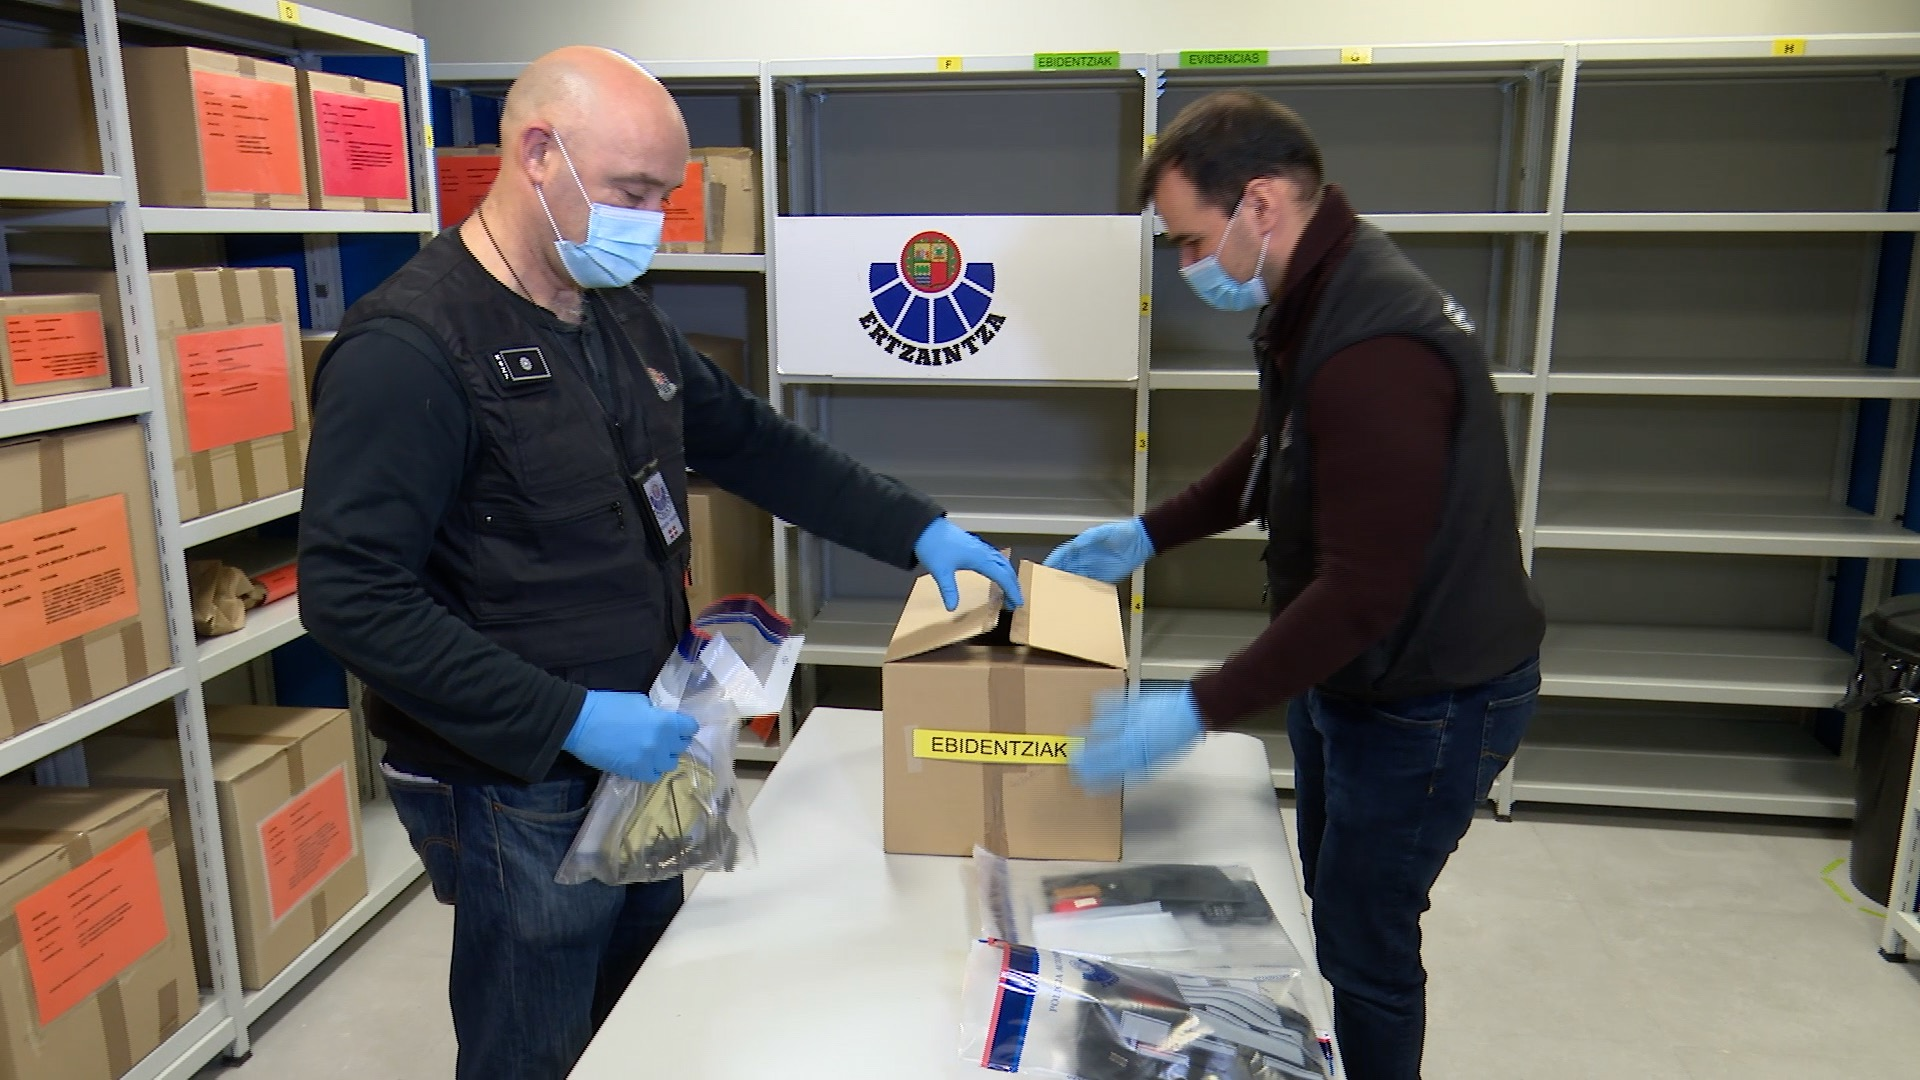 La Ertzaintza intercepta en Bilbao una célula itinerante de ladronas de pisos procedente de Francia [2:29]